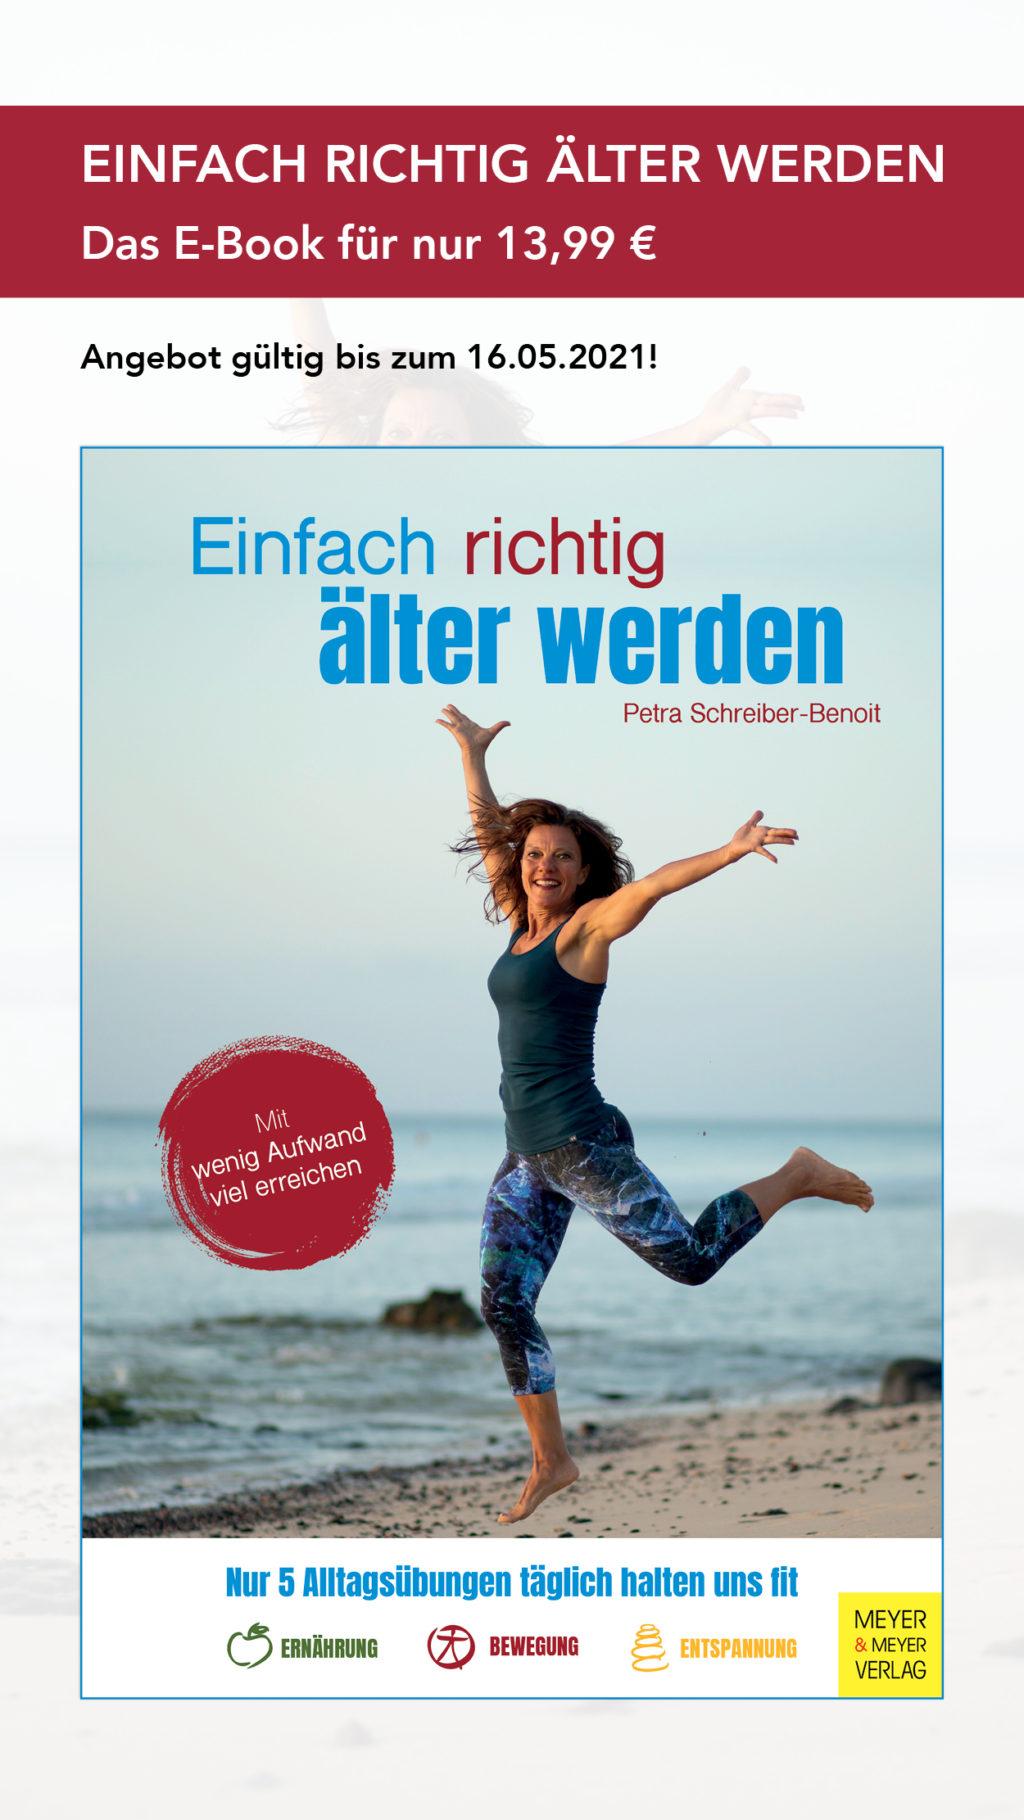 STORY_Einfach-richtig-aelter-werden_E-Book-Aktion